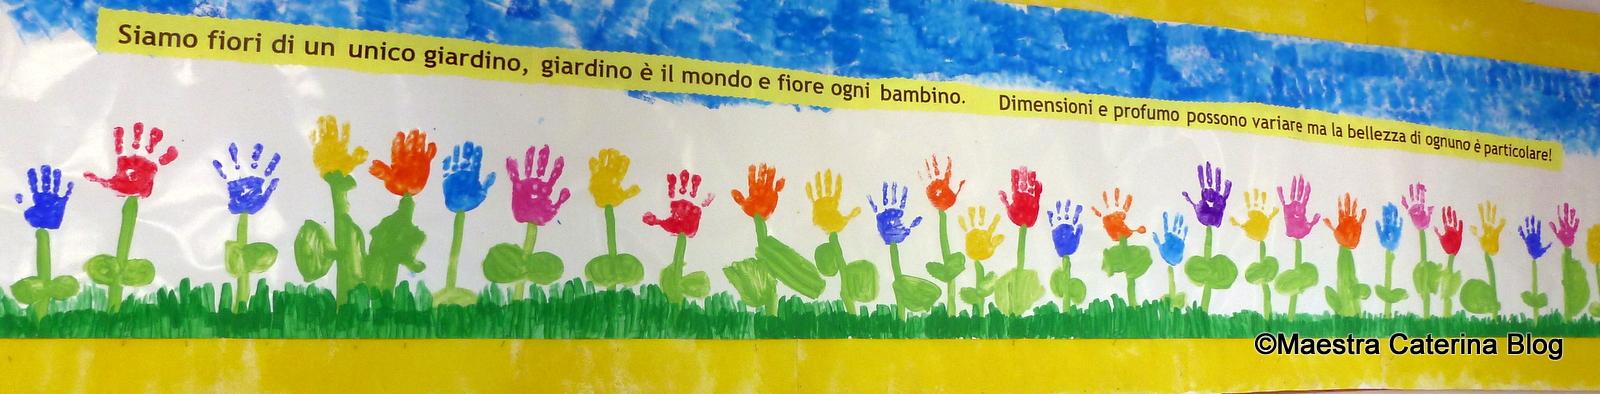 Maestra caterina cartellone per accoglienza for Addobbi scuola infanzia accoglienza